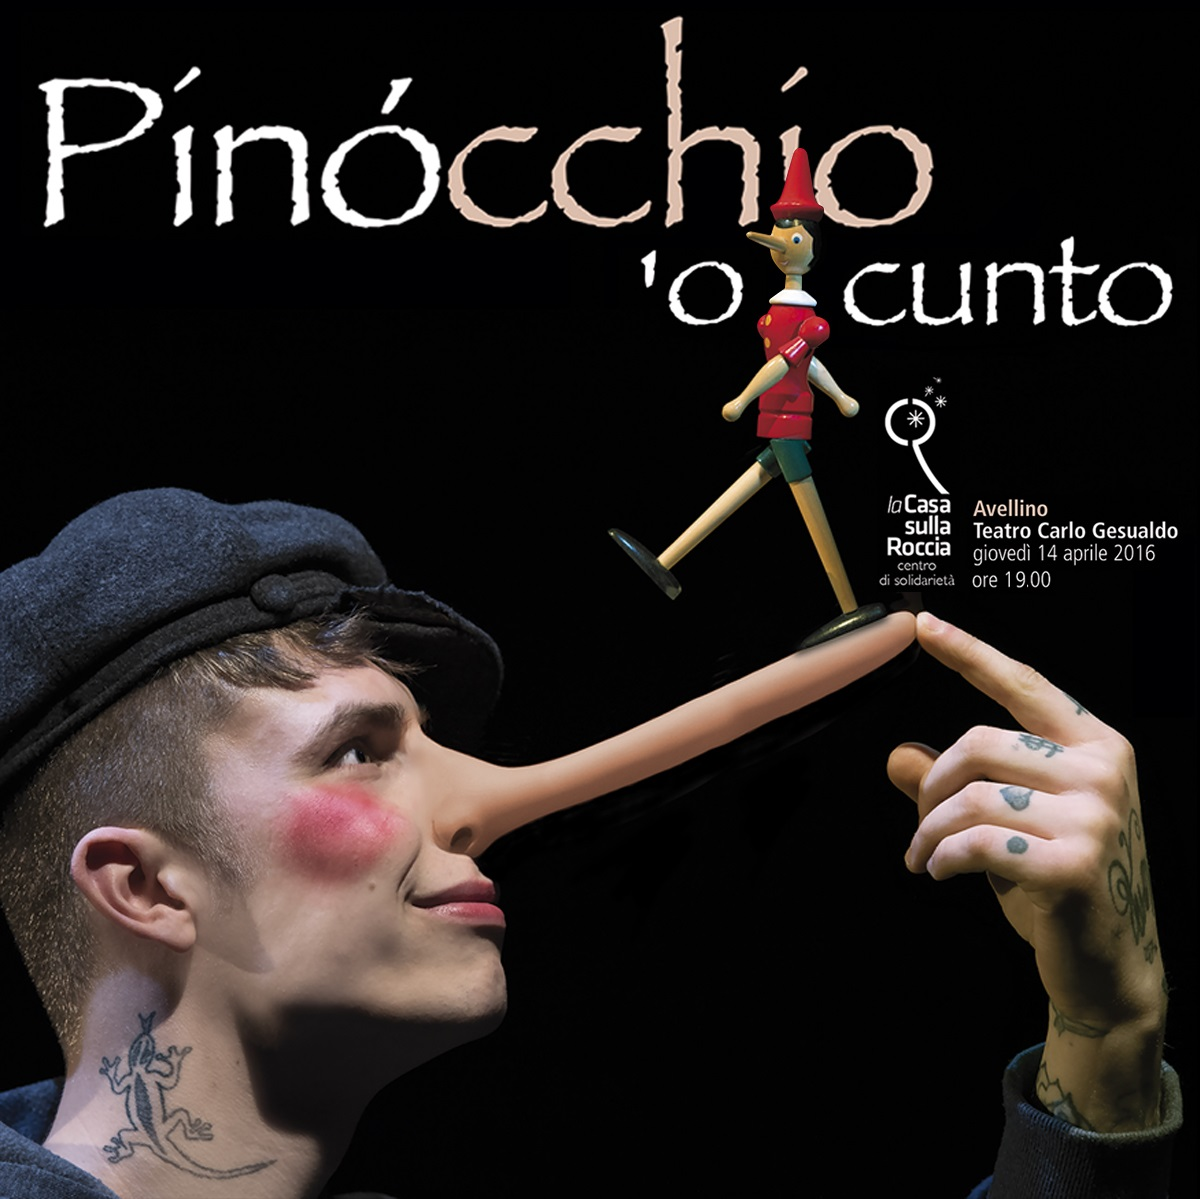 Conferenza stampa Pinocchio 'o cunto